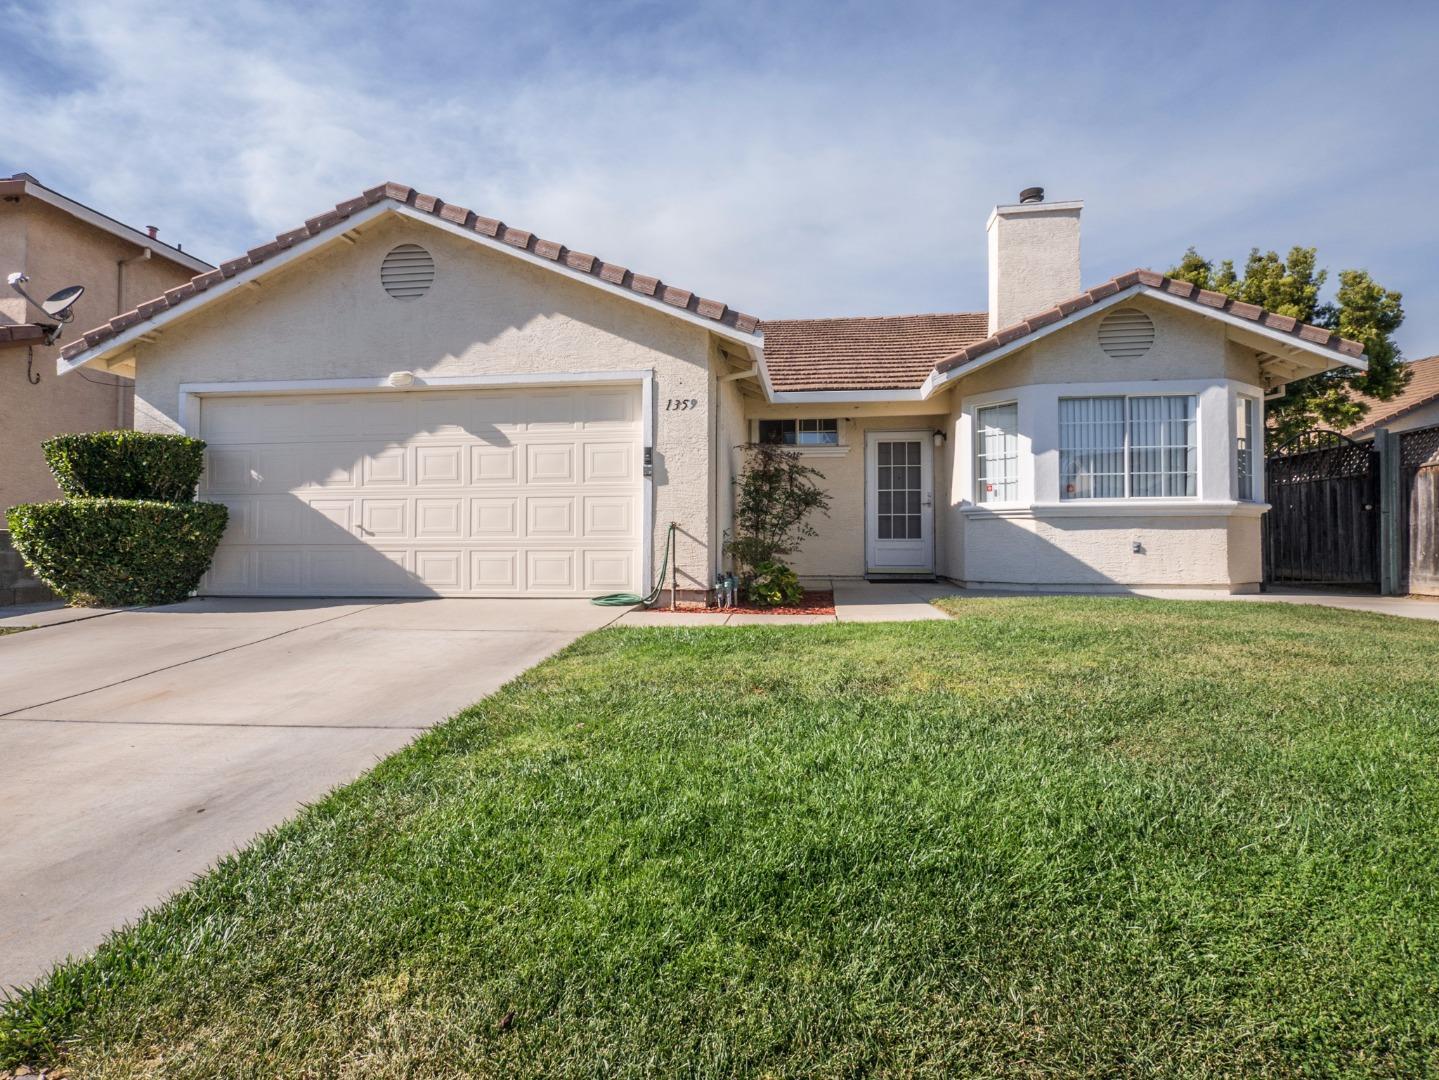 1359 Mazatlan Street, Salinas, CA 93905